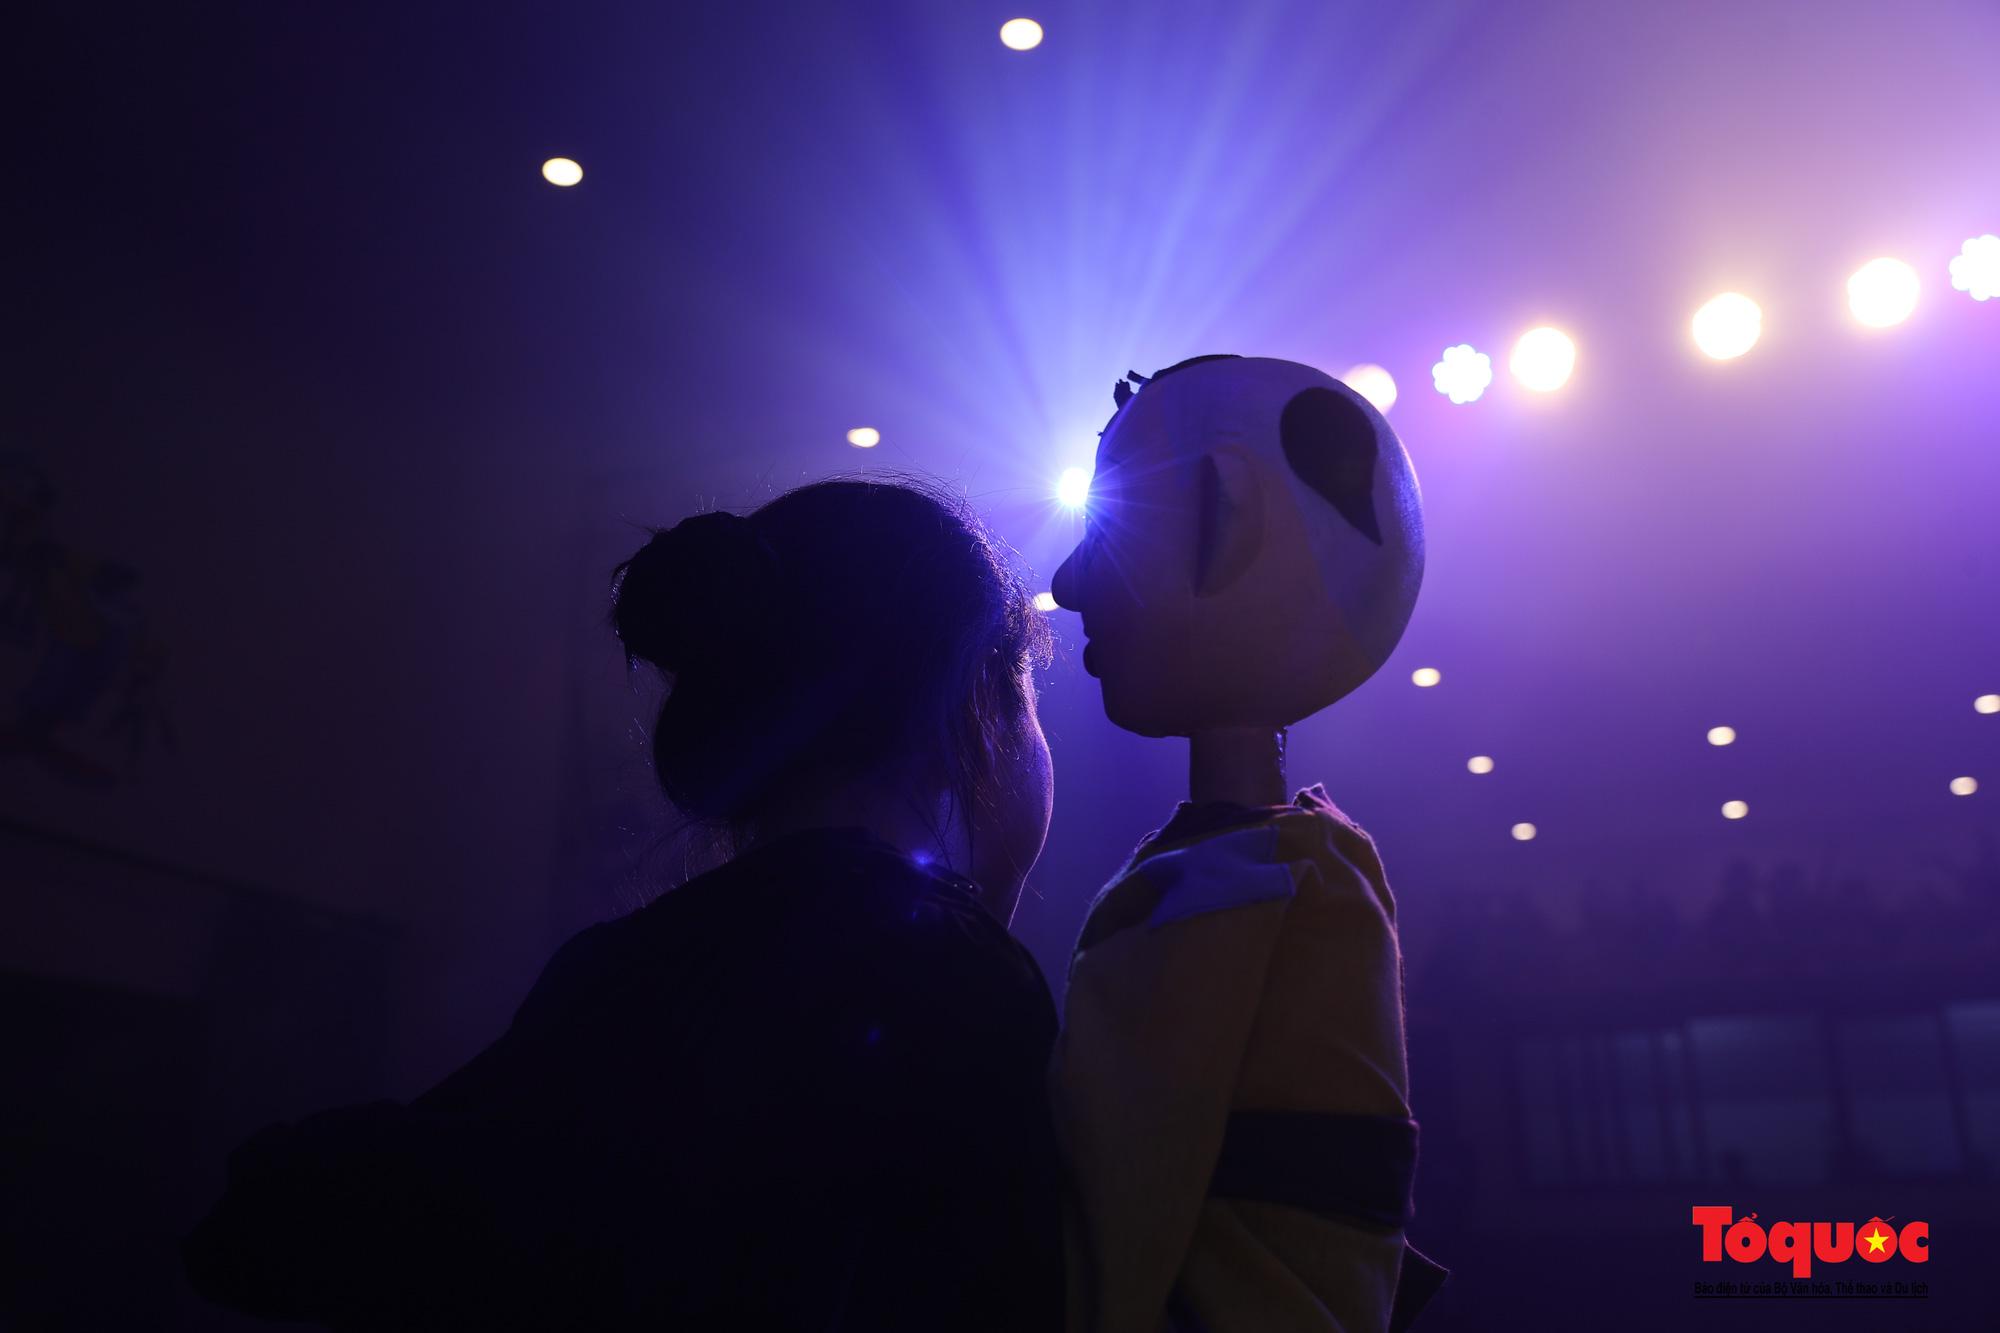 """Các nghệ sĩ múa rối hăng say luyện tập cho chương trình nghệ thuật online đặc biệt """"Trung thu cho em"""" - Ảnh 19."""